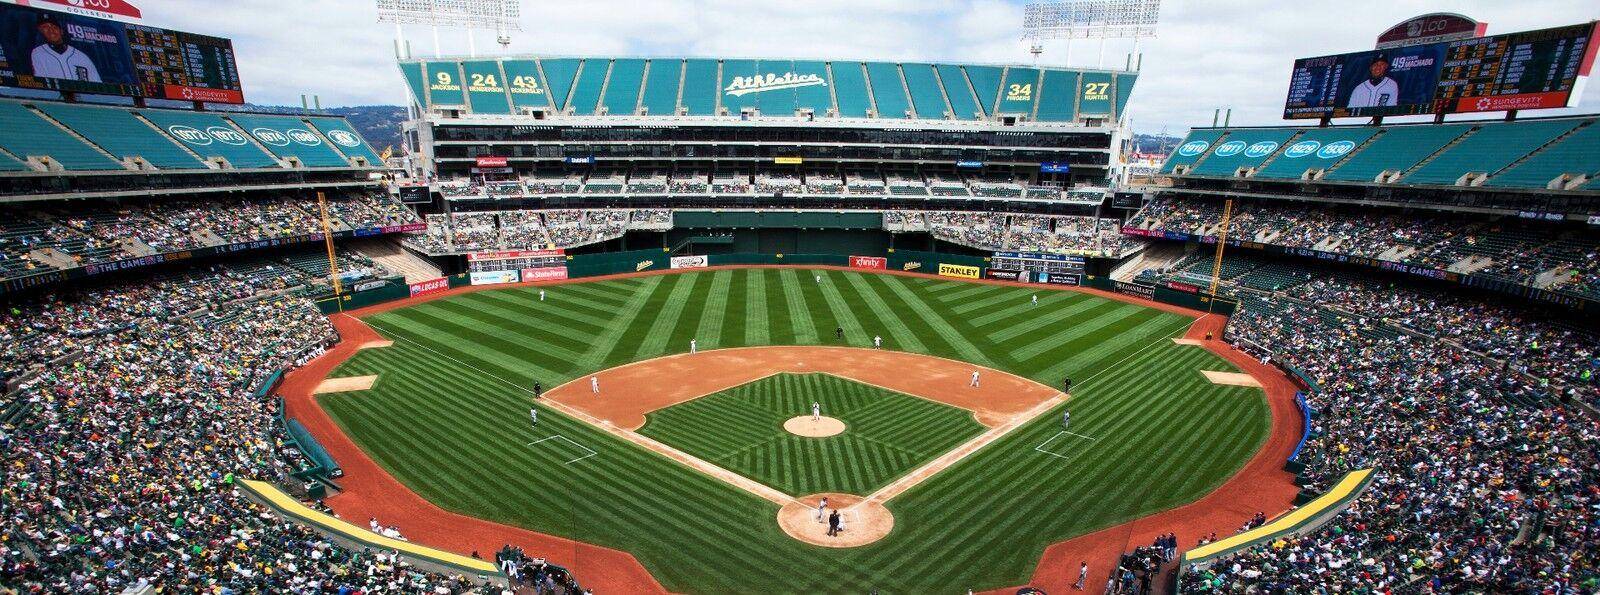 Miami Marlins at Oakland Athletics